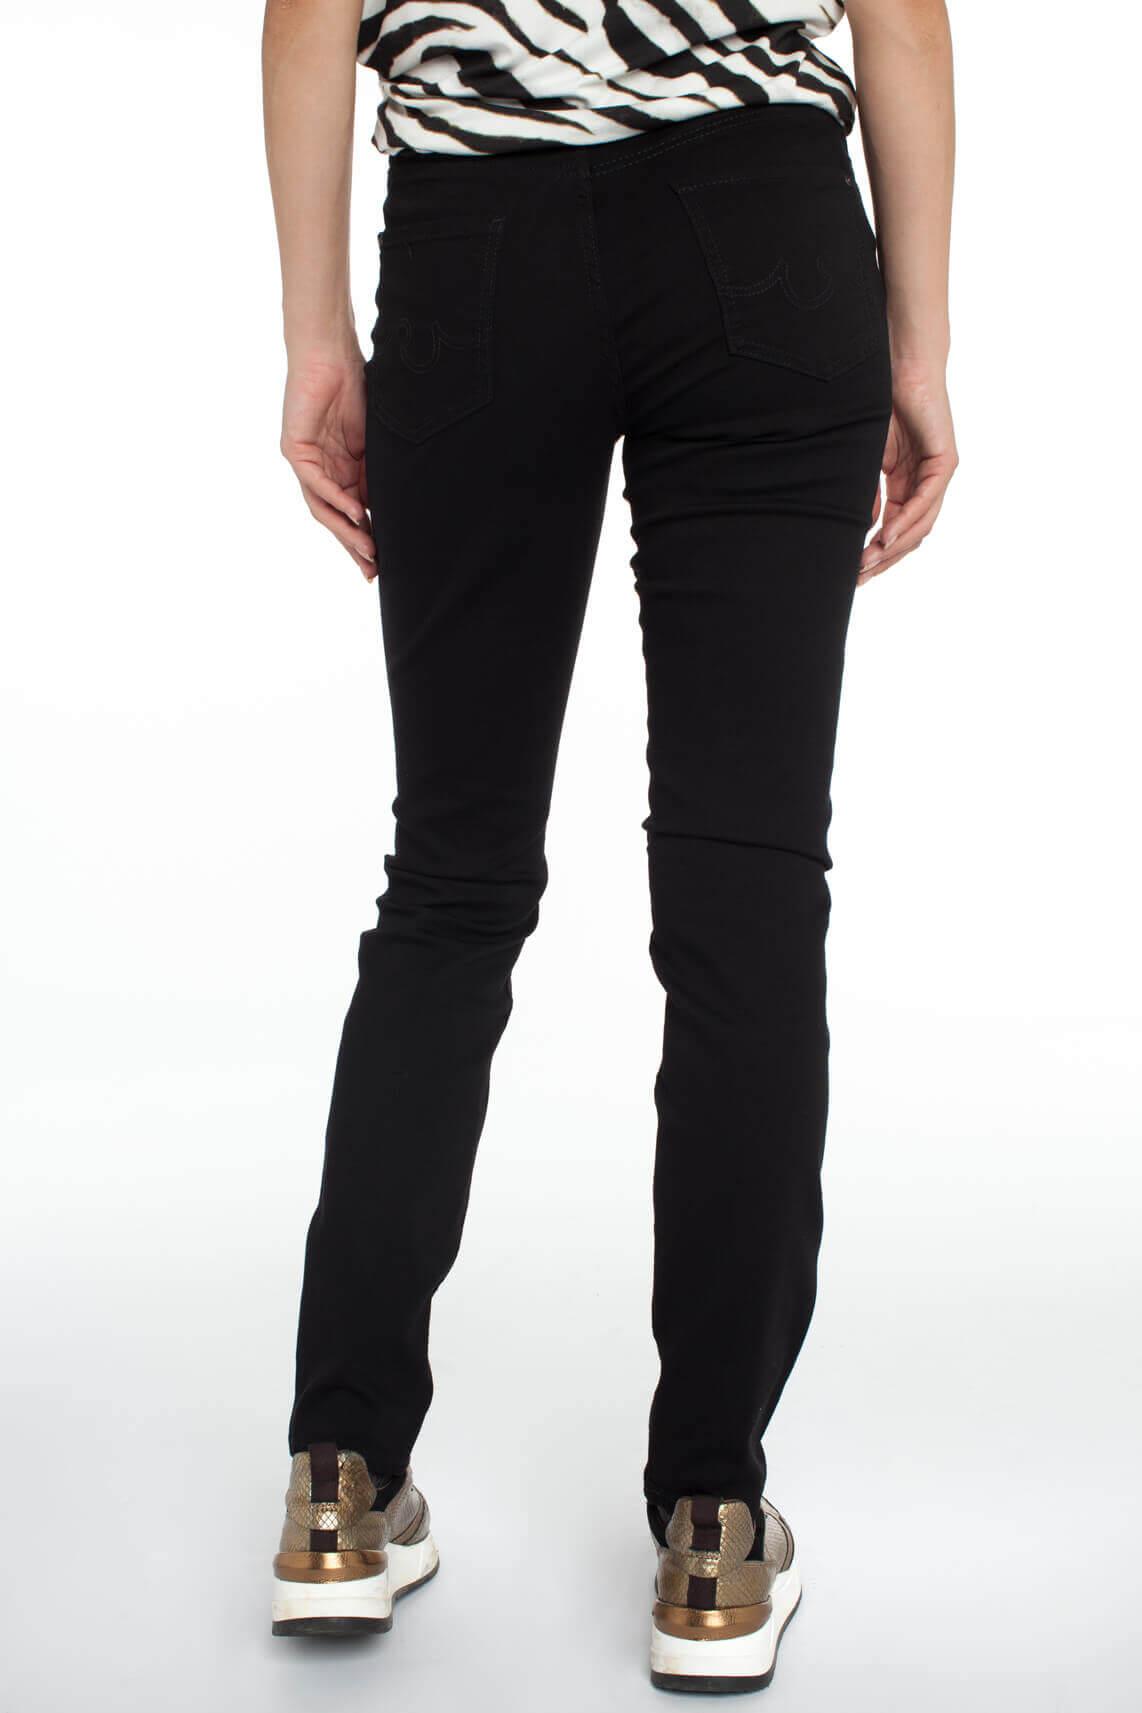 Rosner Dames L32 Audrey high waist jeans zwart zwart